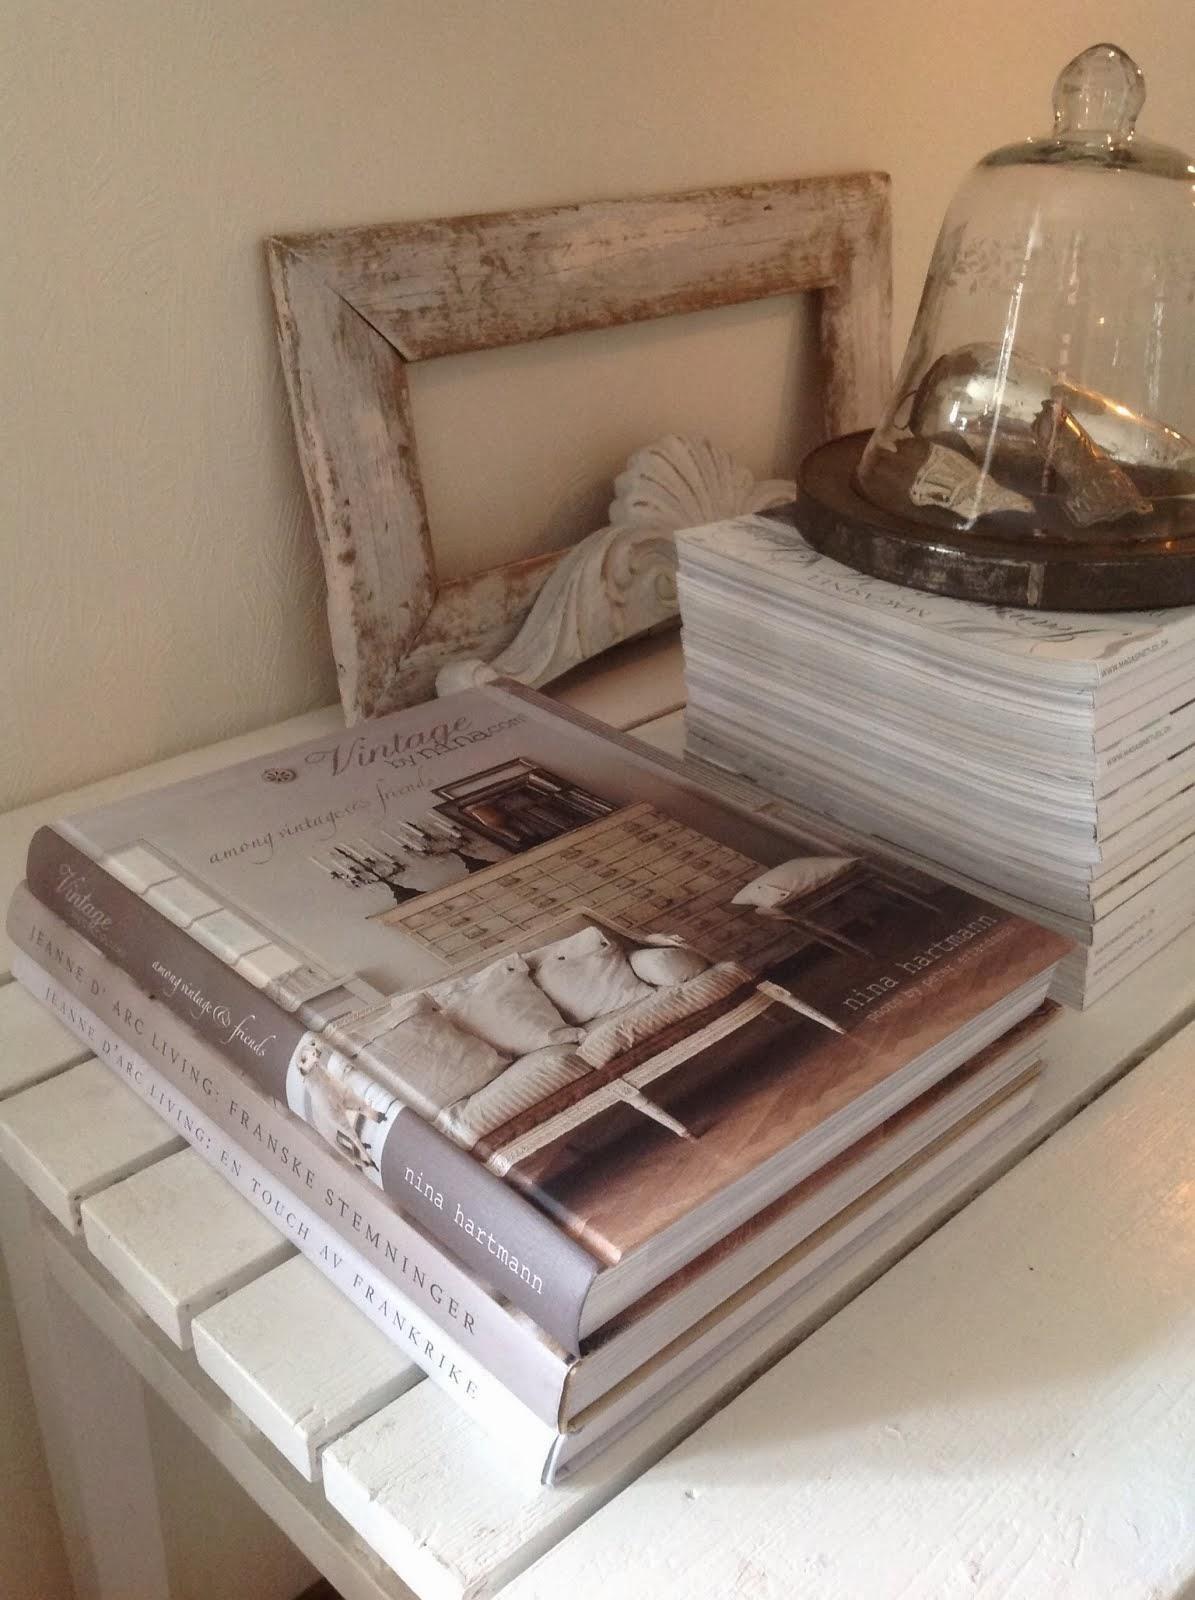 Vackra böcker och inredningsmagasin